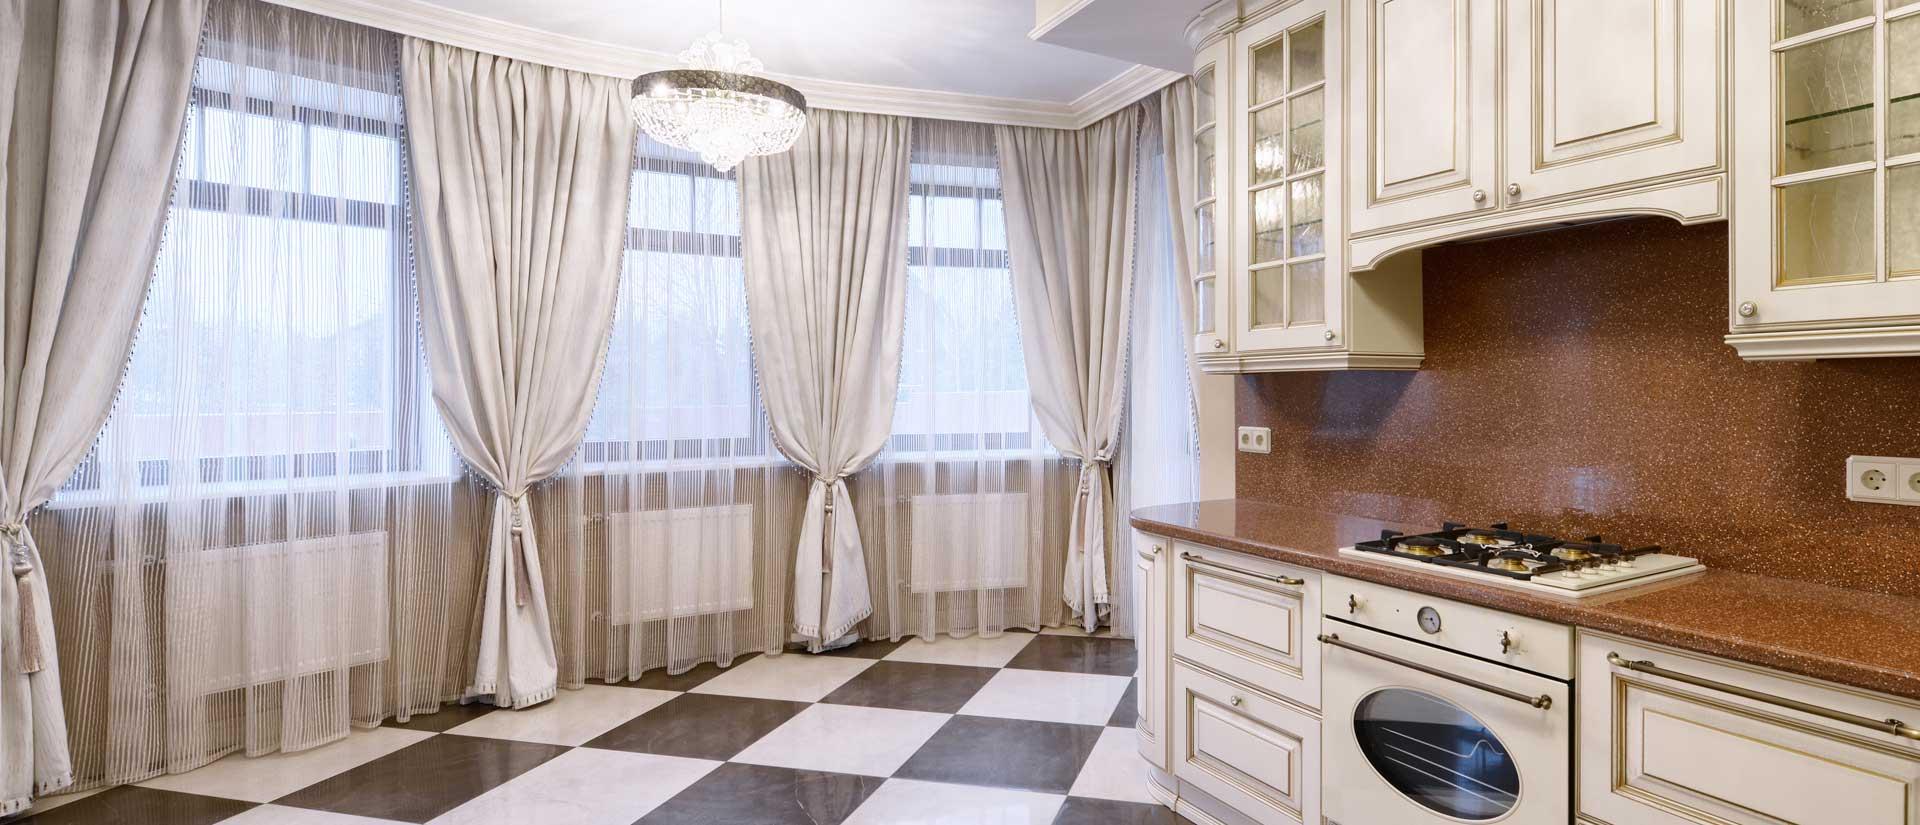 Full Size of Küchengardinen Moderne Kchengardinen Bestellen Individuelle Fensterdeko Wohnzimmer Küchengardinen